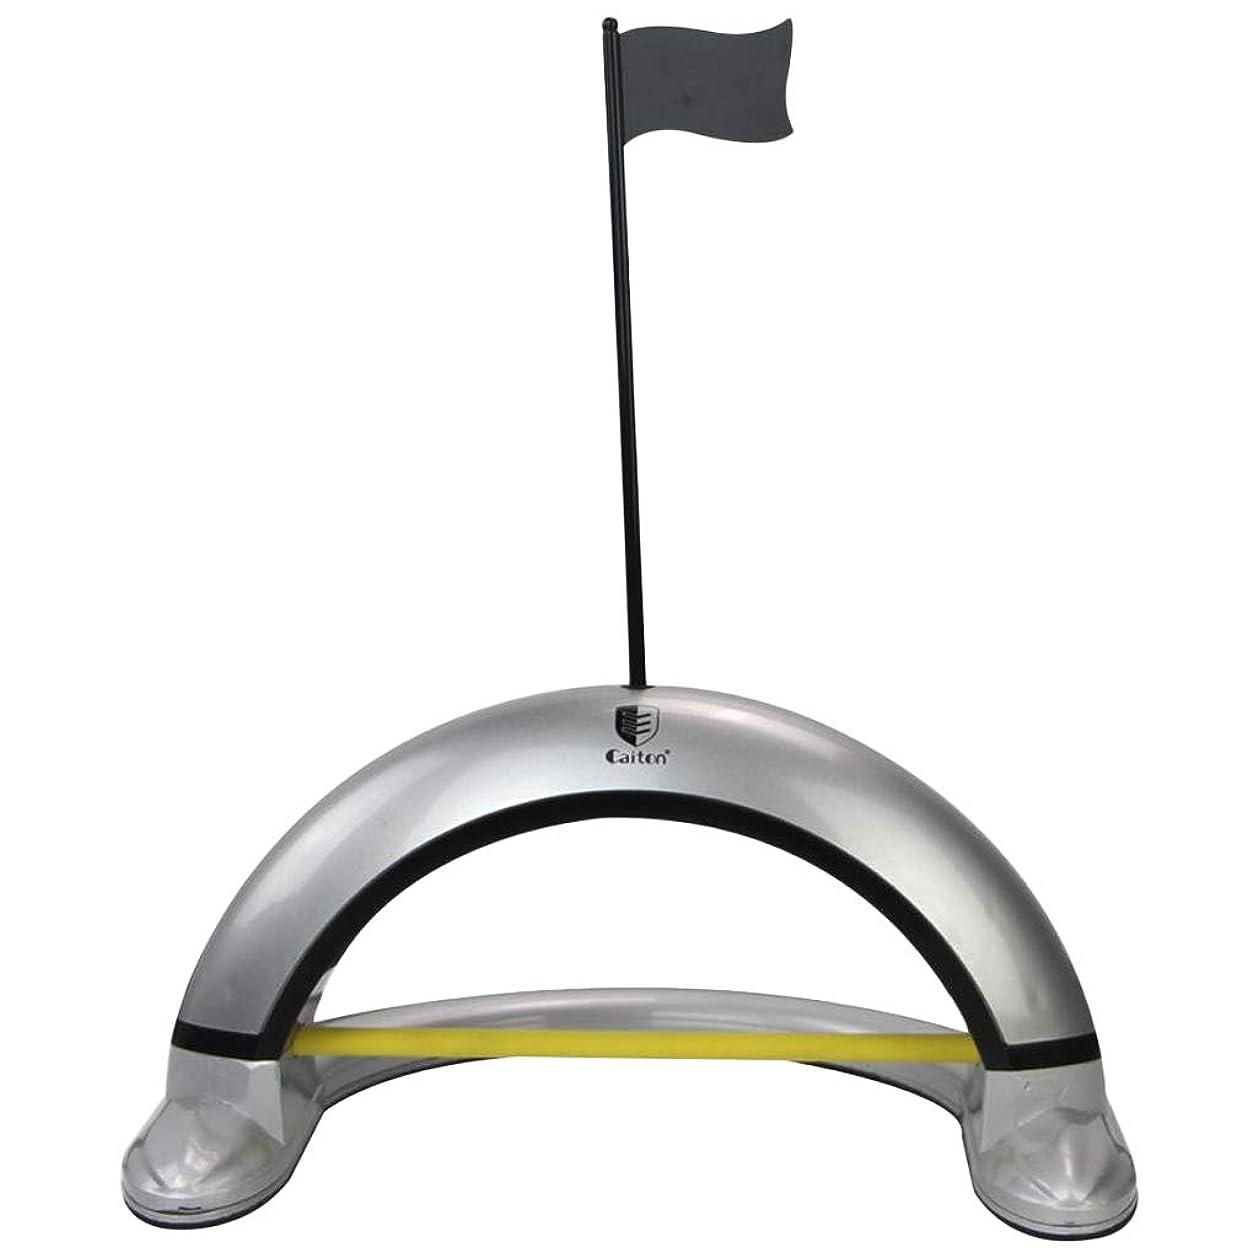 移民すみません線形Perfeclan パット練習器具 ゴルフ パット トレーナー パット 練習 デバイス ツール